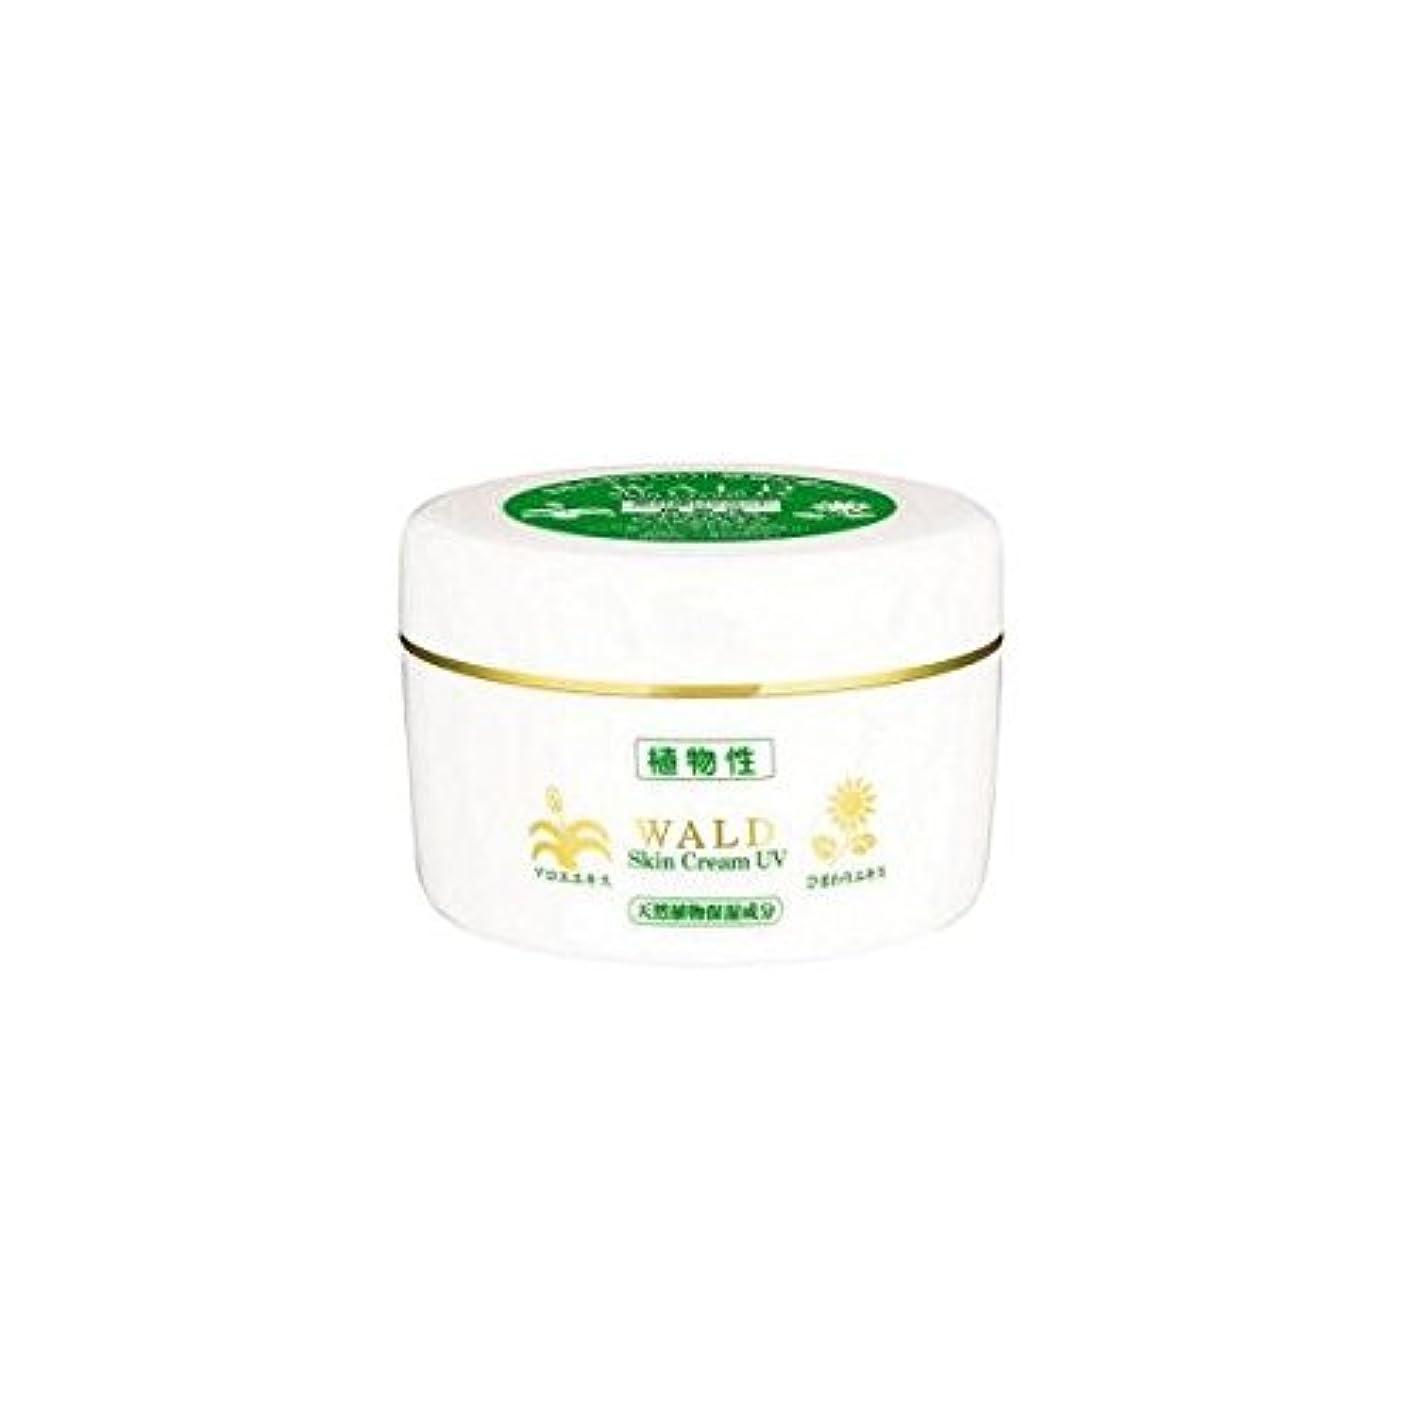 ワックス平等ヘア新 ヴァルトスキンクリーム UV (WALD Skin Cream UV) 220g (1)